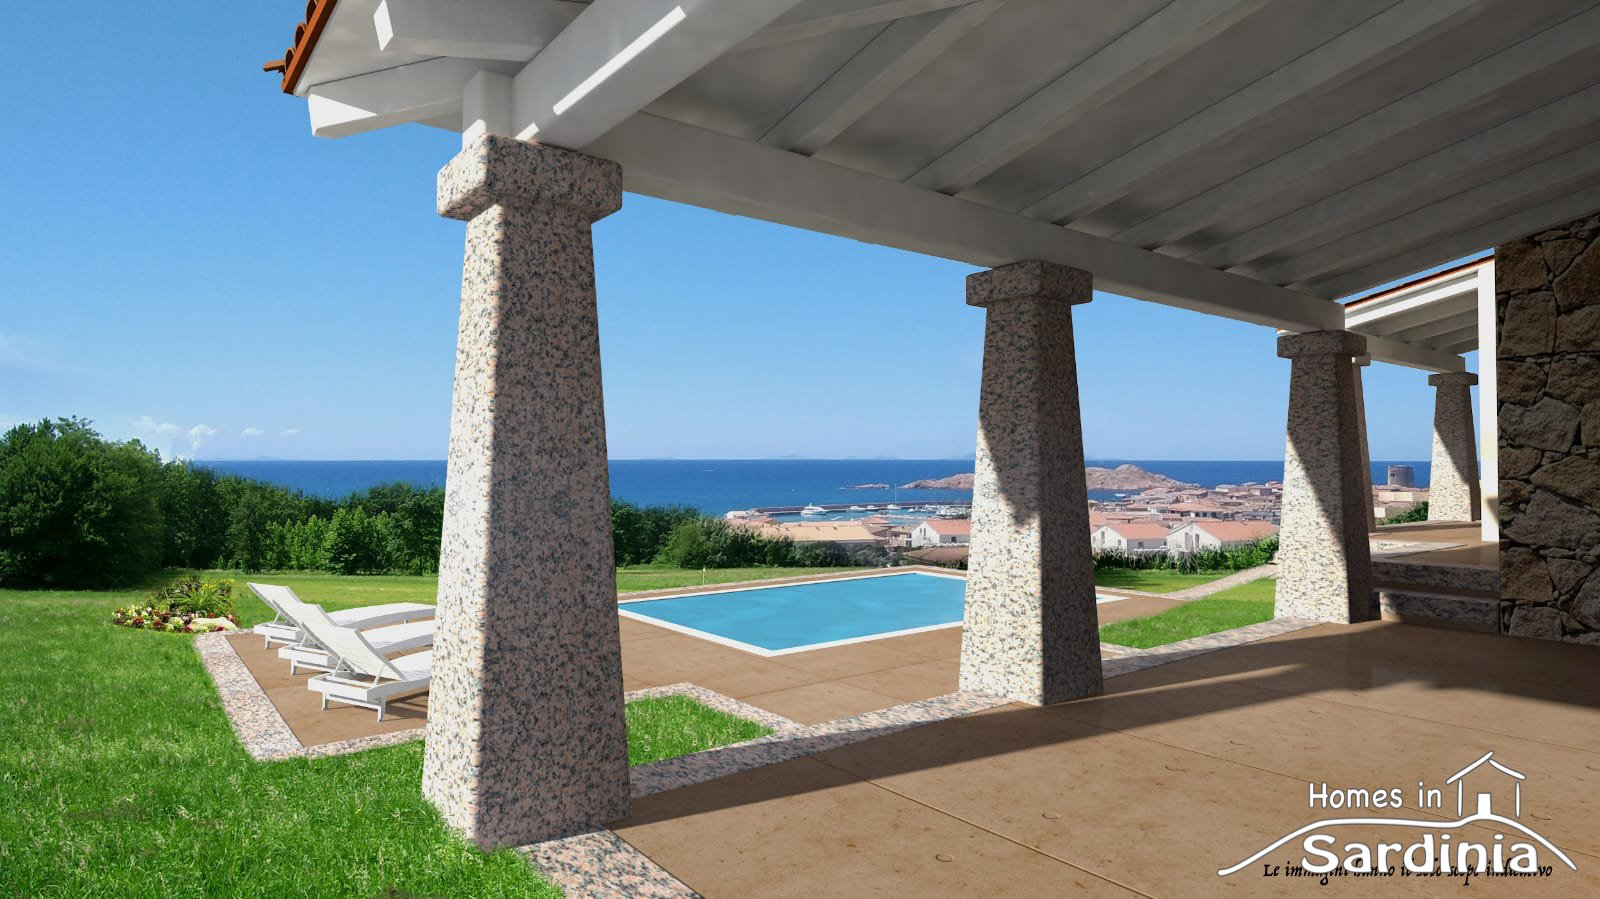 Appartamenti e ville singole con splendida vista mare a Isola Rossa, Nord Sardegna.